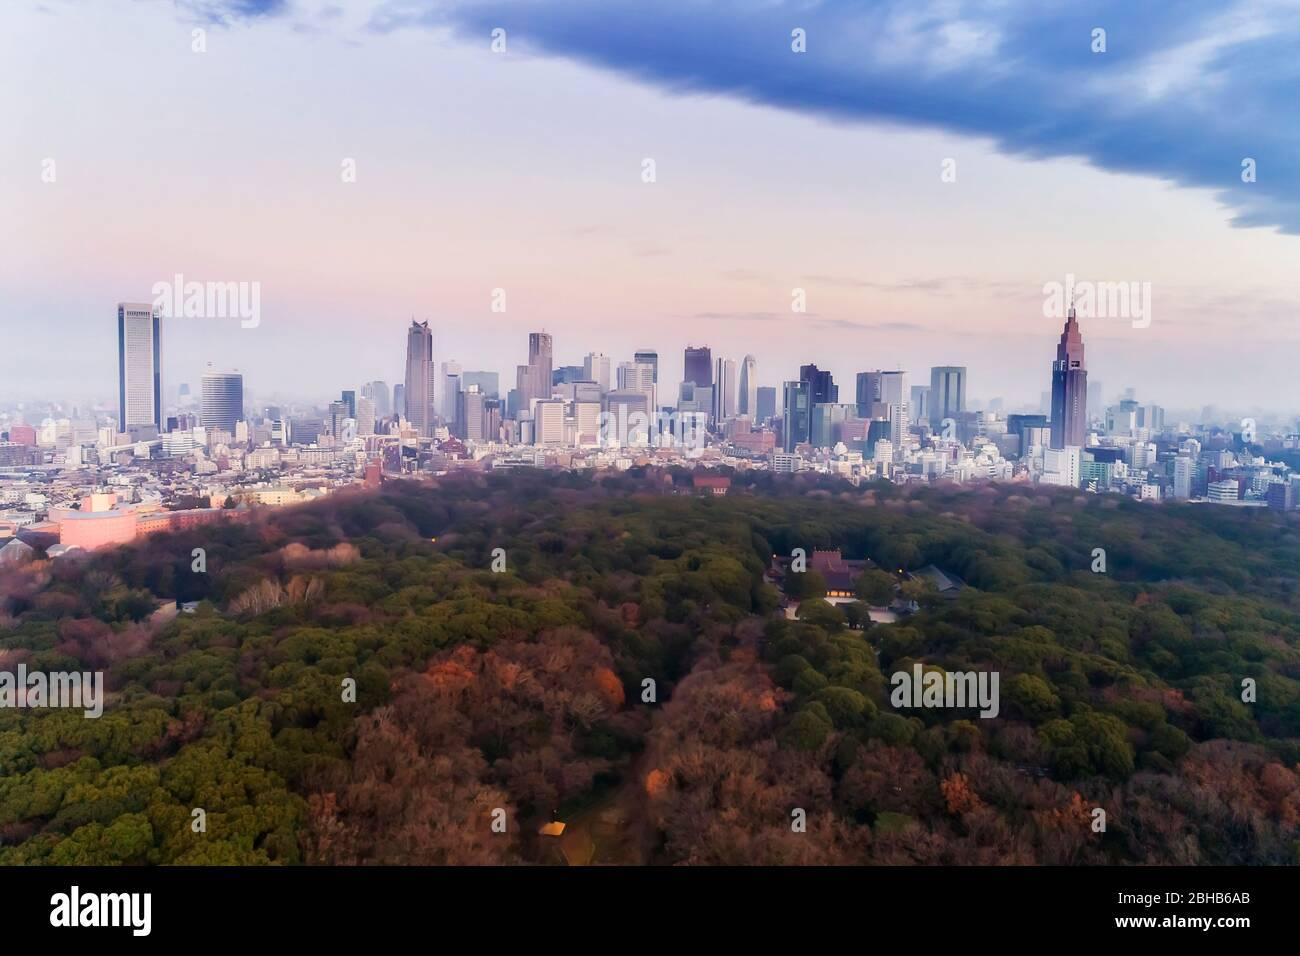 Parc public au milieu de la ville de Tokyo près du quartier des affaires de Shinjuku et de la gare en vue aérienne au lever du soleil. Banque D'Images